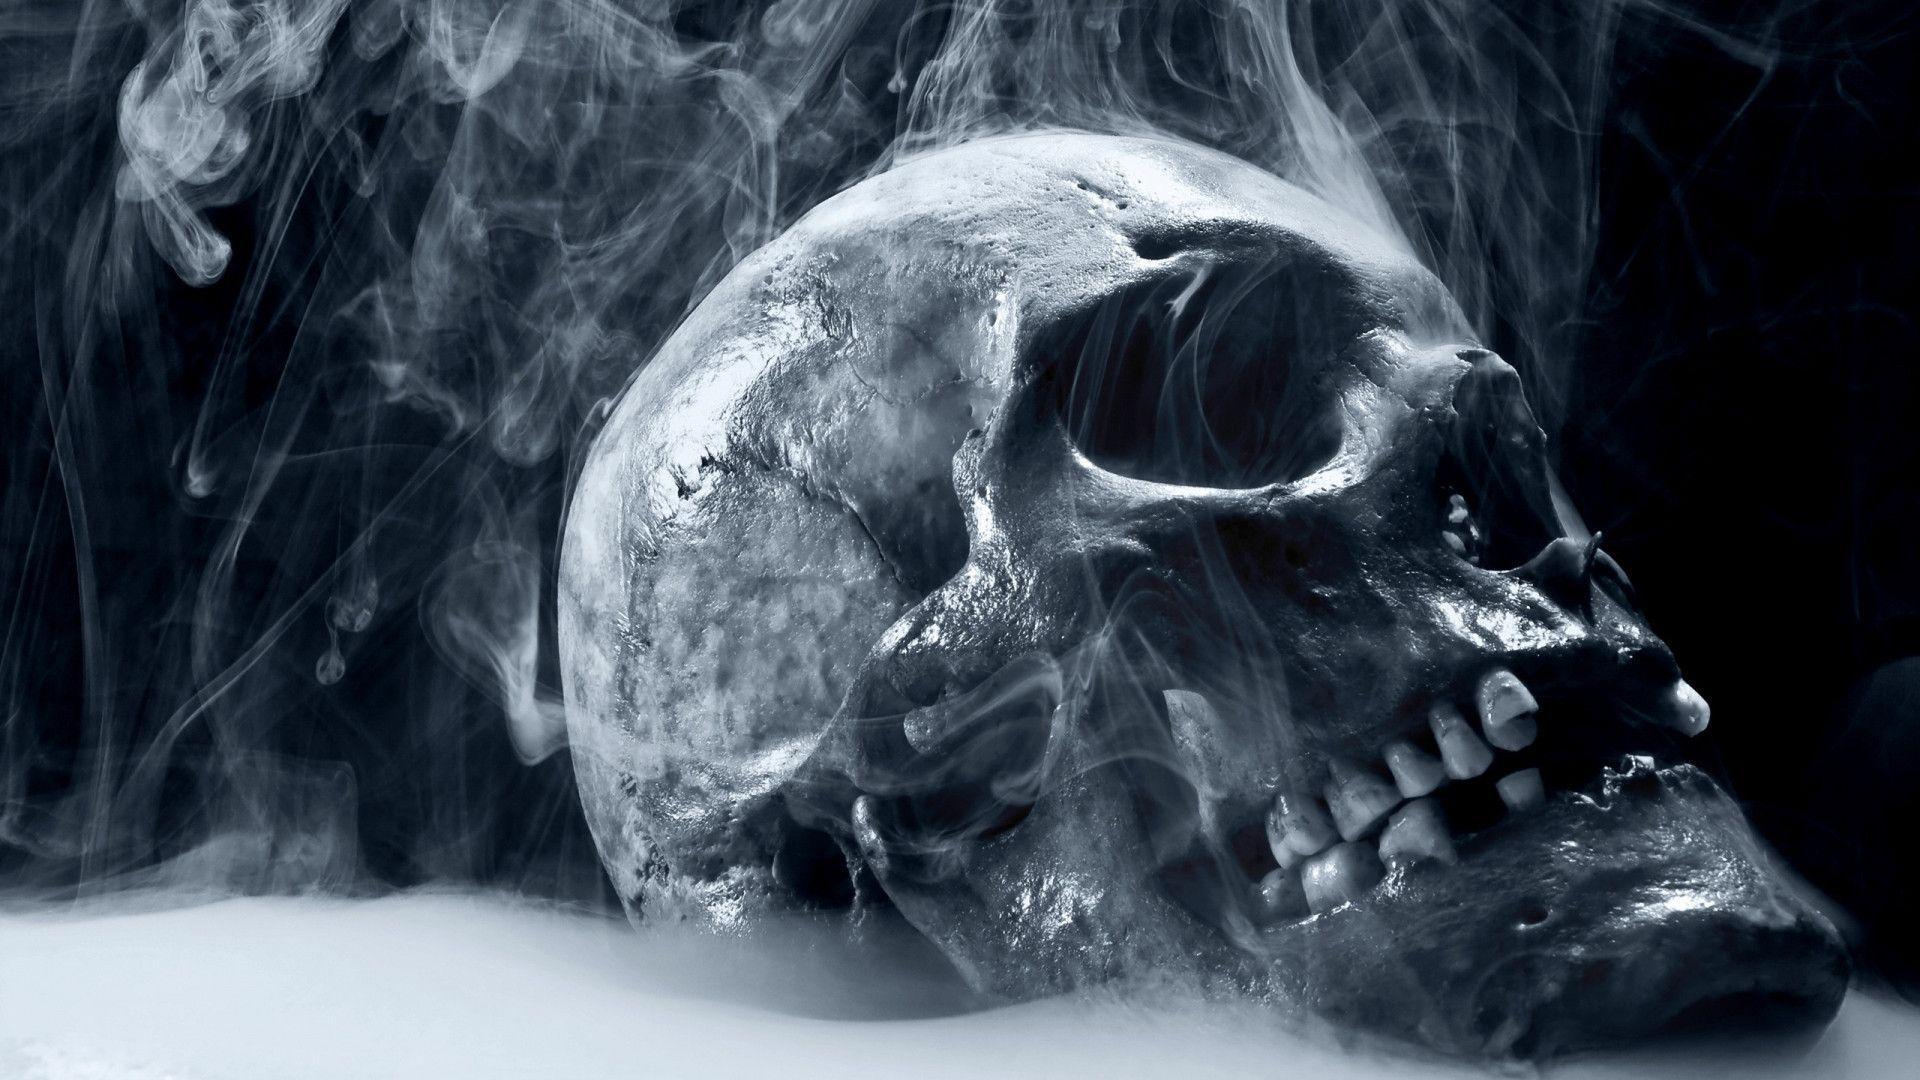 Skull Desktop Wallpapers - Top Free